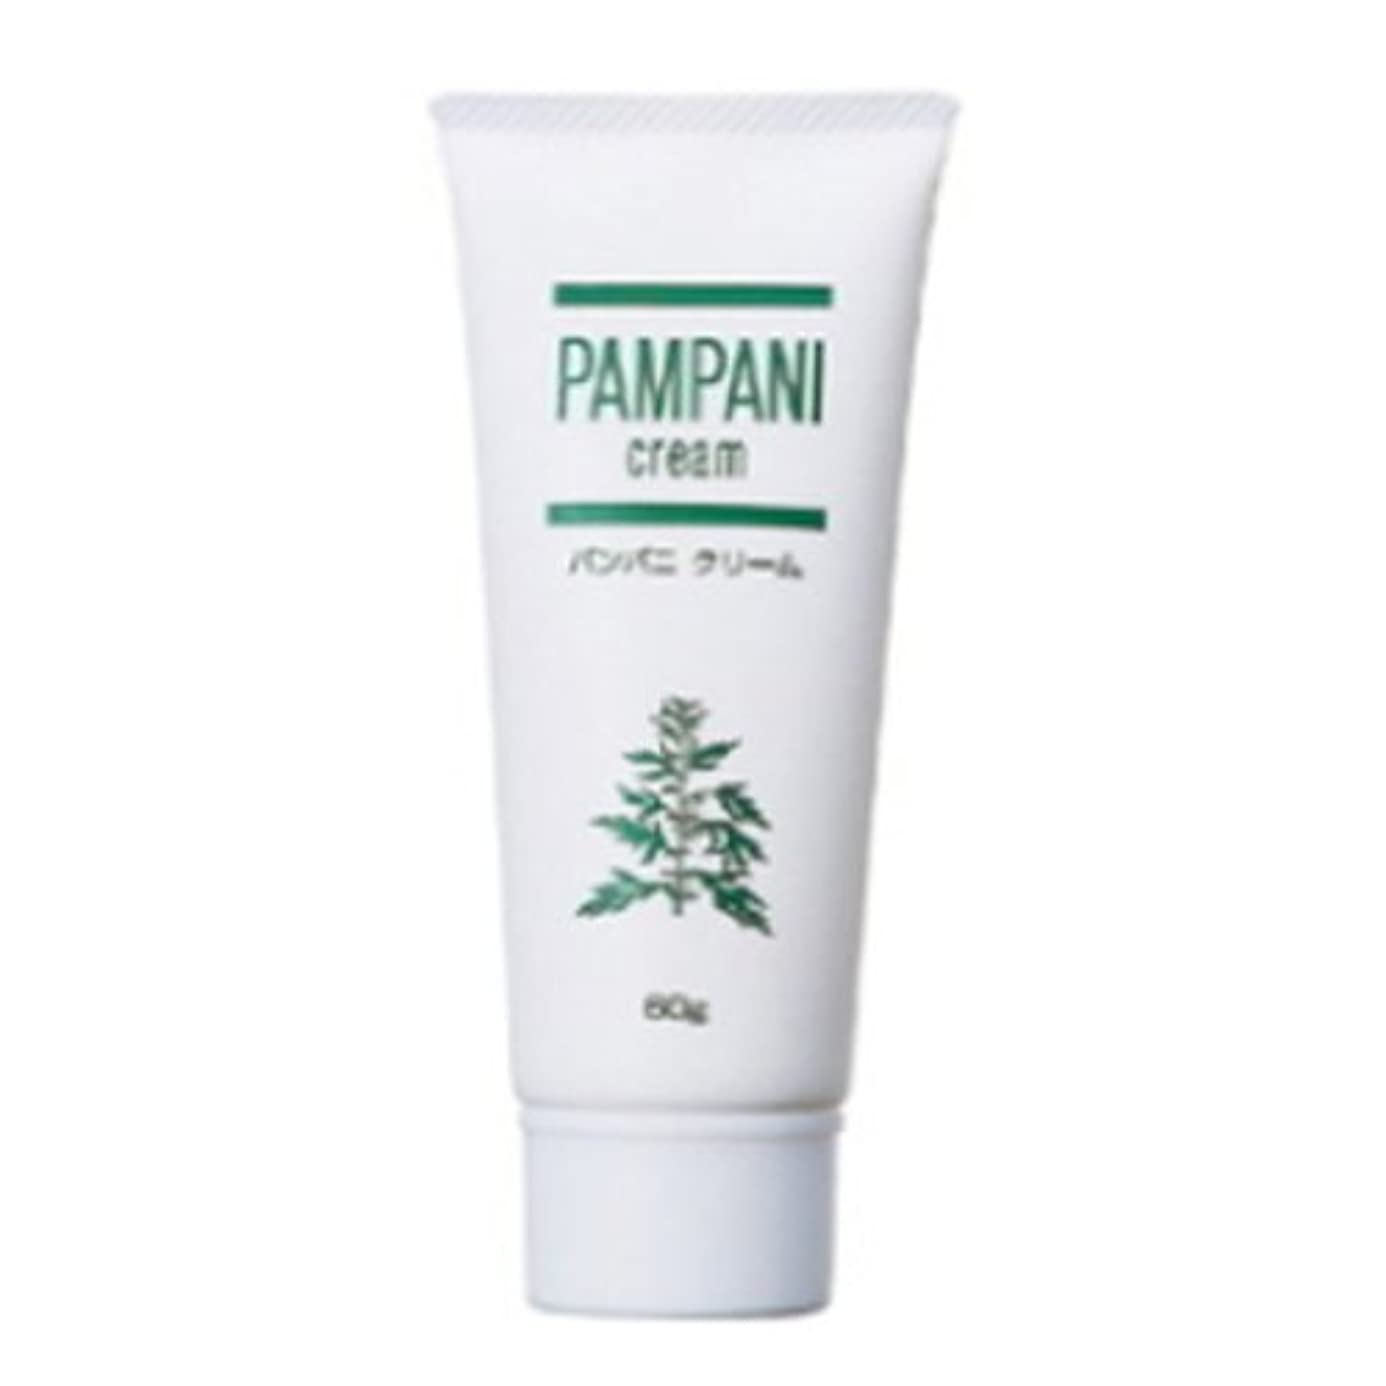 案件女優植生パンパニ(PAMPANI) クリーム 60g